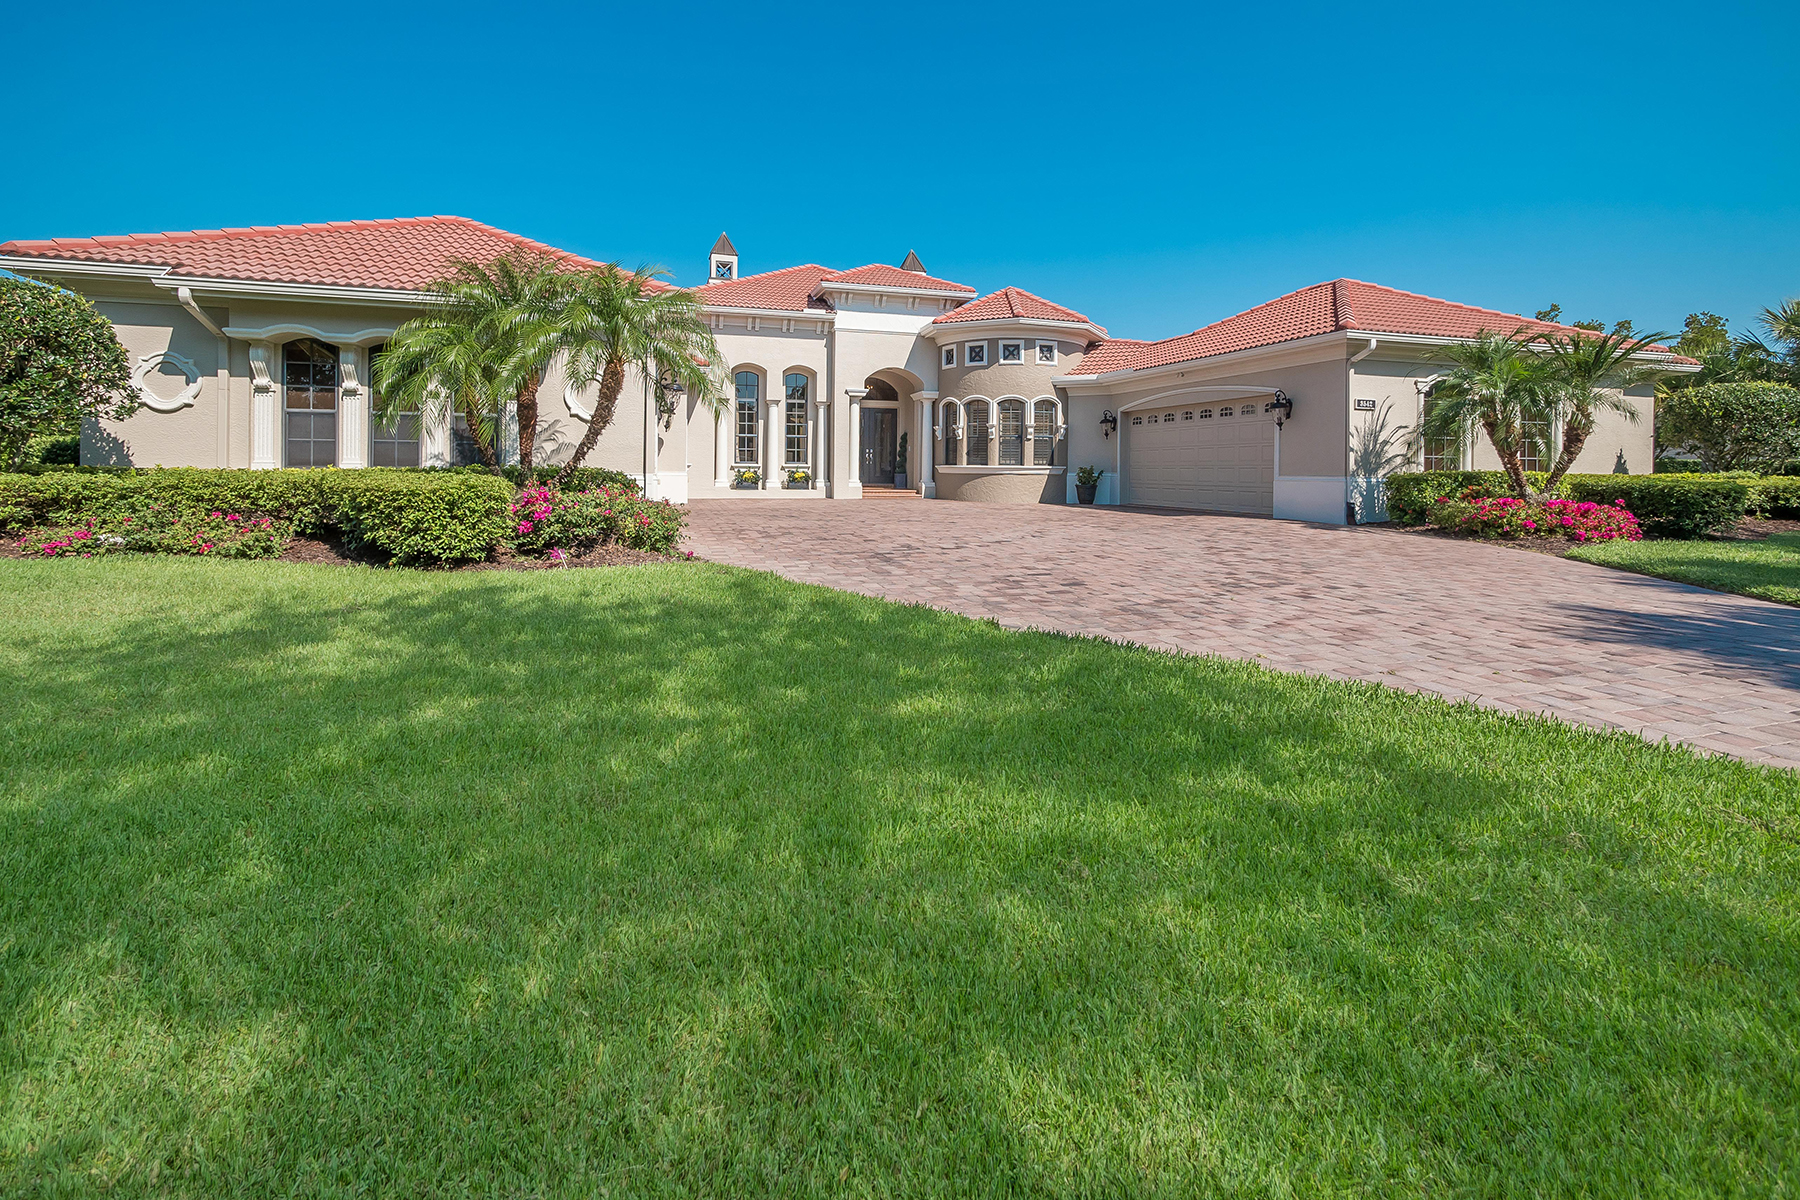 단독 가정 주택 용 매매 에 FOUNDERS CLUB 3542 Founders Club Dr Sarasota, 플로리다, 34240 미국